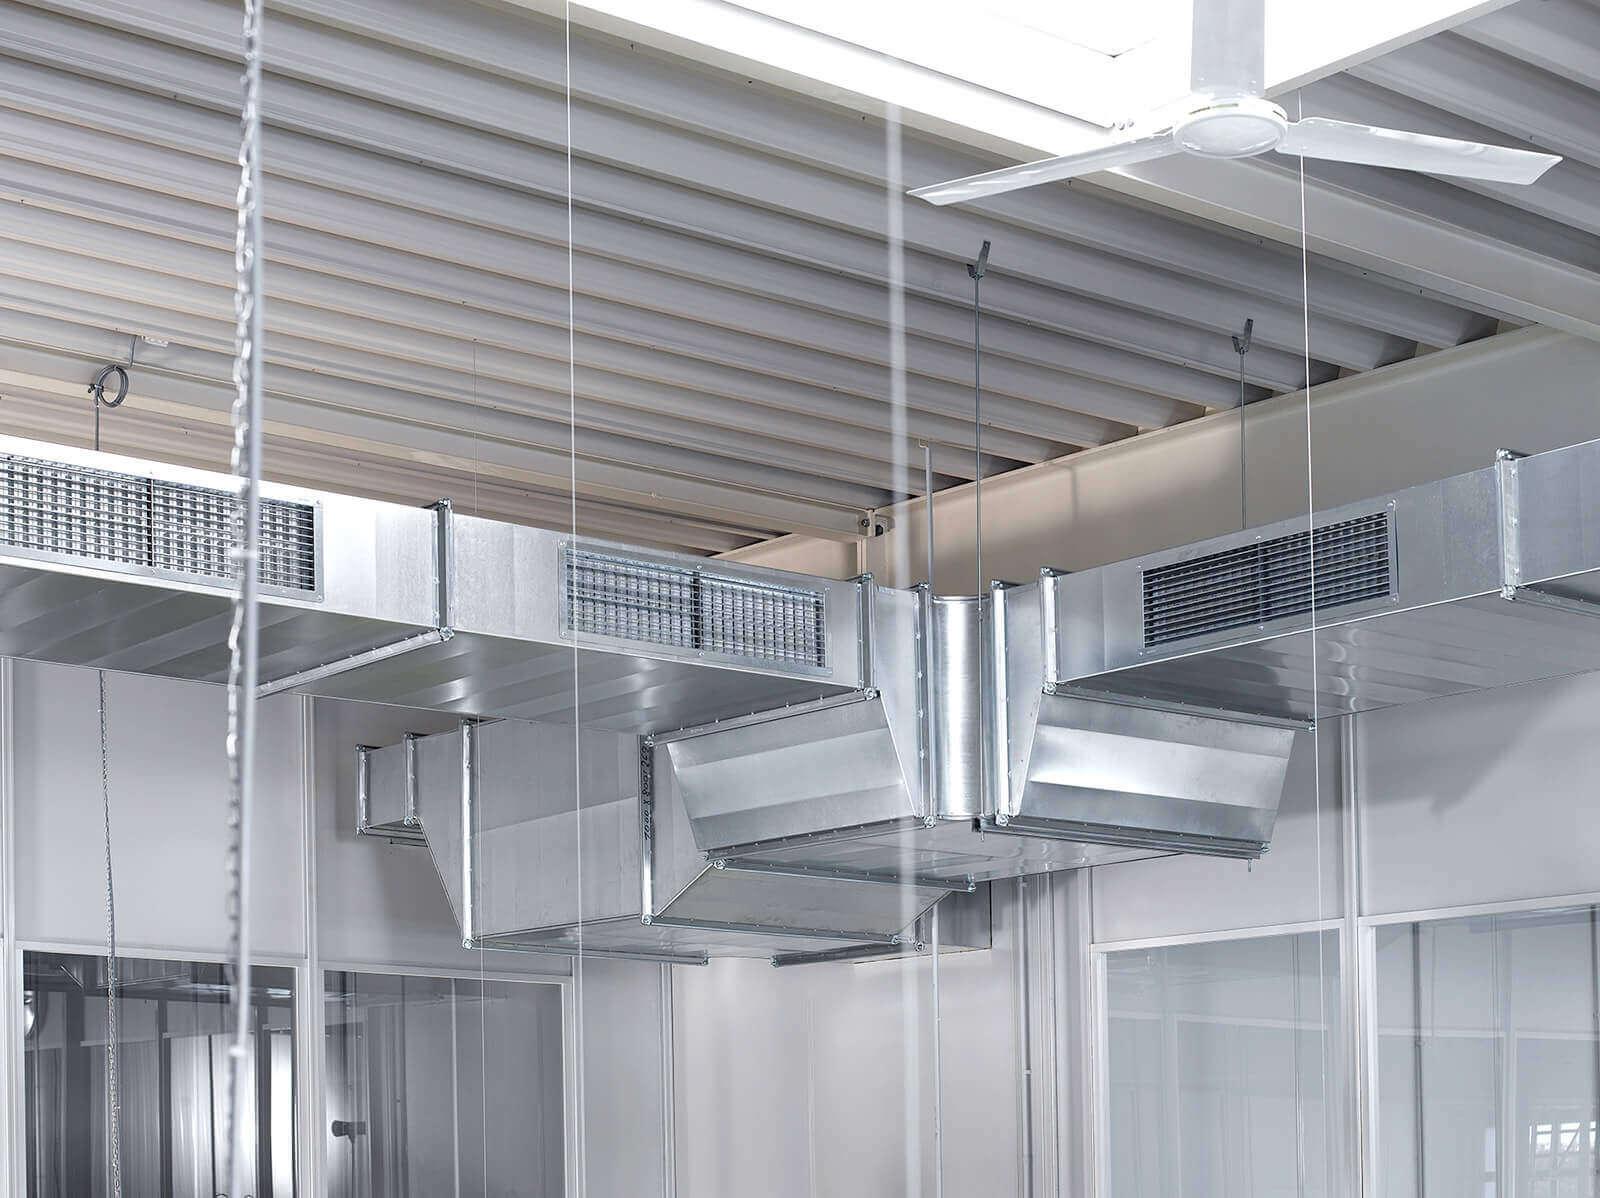 Industrielüftung und Prozesslufttechnik, etwa Kreislaufverbundsysteme